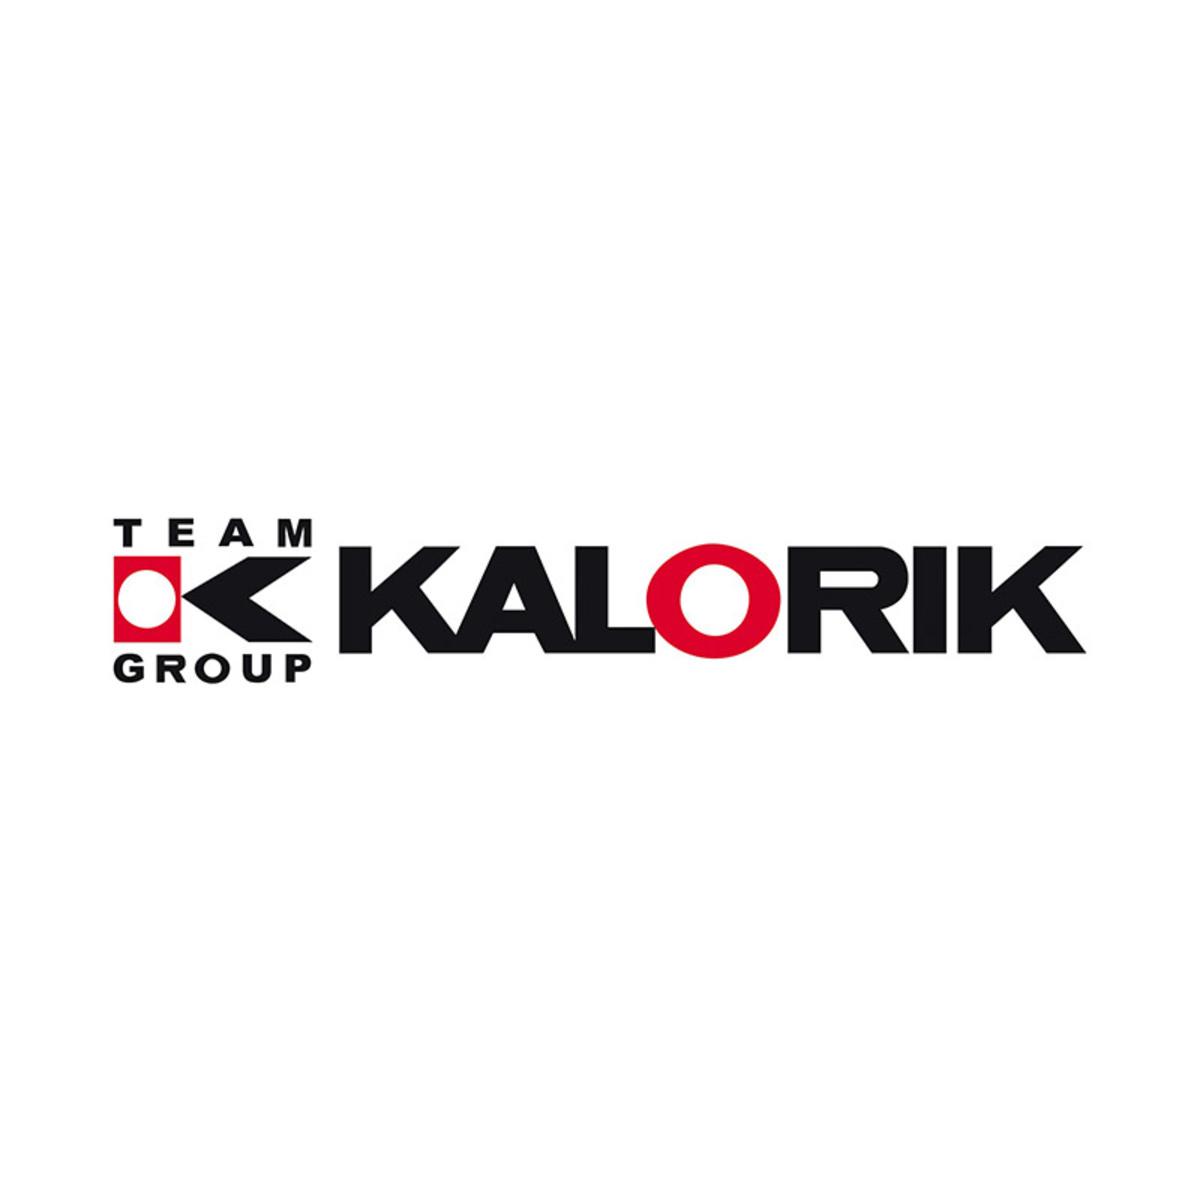 Bild 3 von Kalorik Retro-Multiofen 19,5 Liter Design-Miniofen TKG OT 2500 R Tischbackofen rot